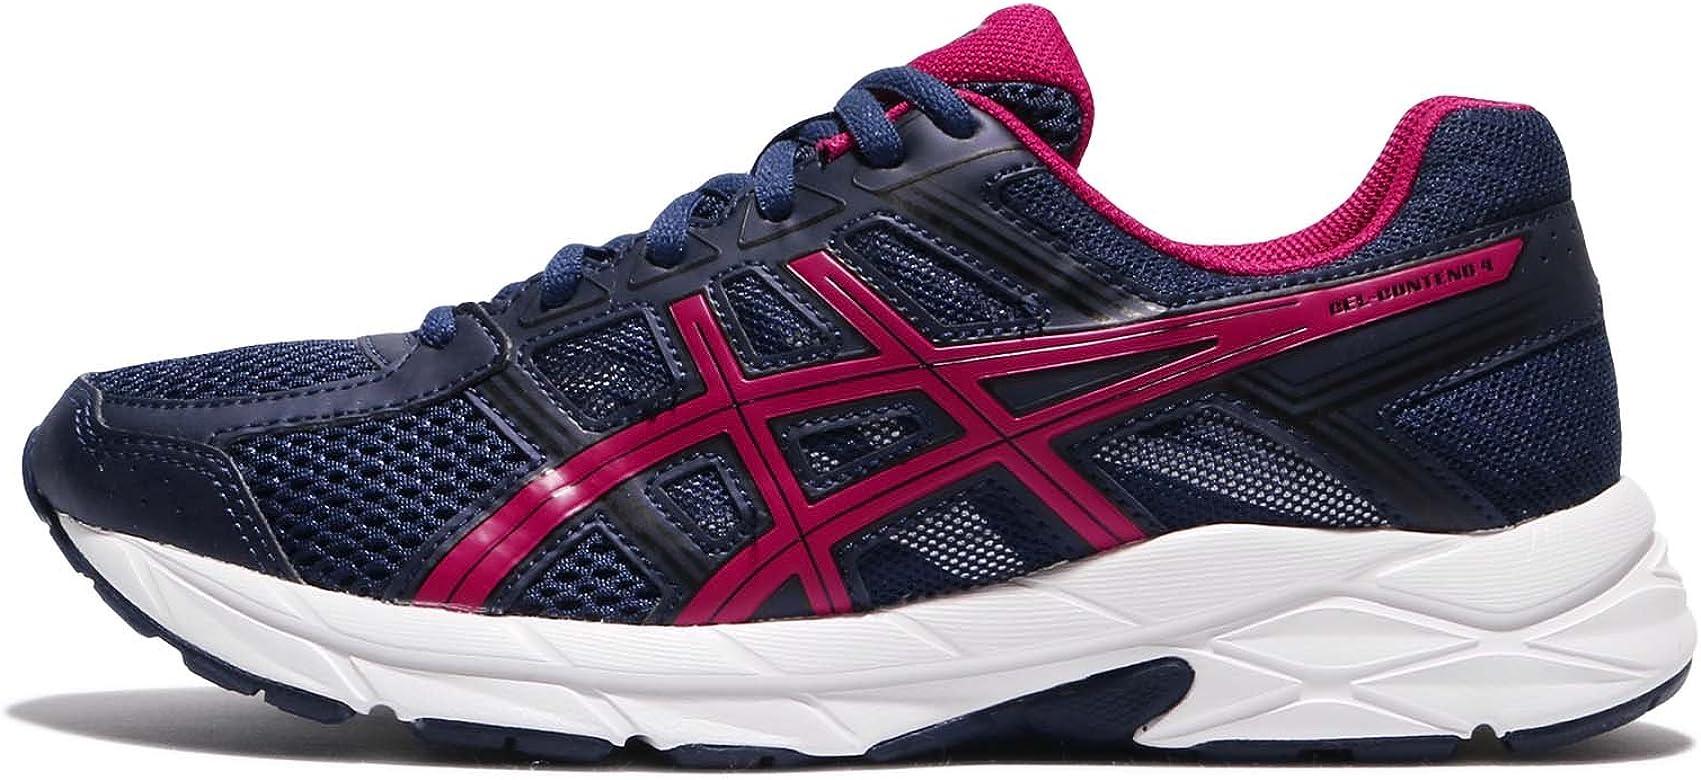 Asics Gel-Contend 4, Zapatillas de Deporte Mujer, Azul (Indigo Blue/cosmo Pink/black), 40 EU: Amazon.es: Zapatos y complementos